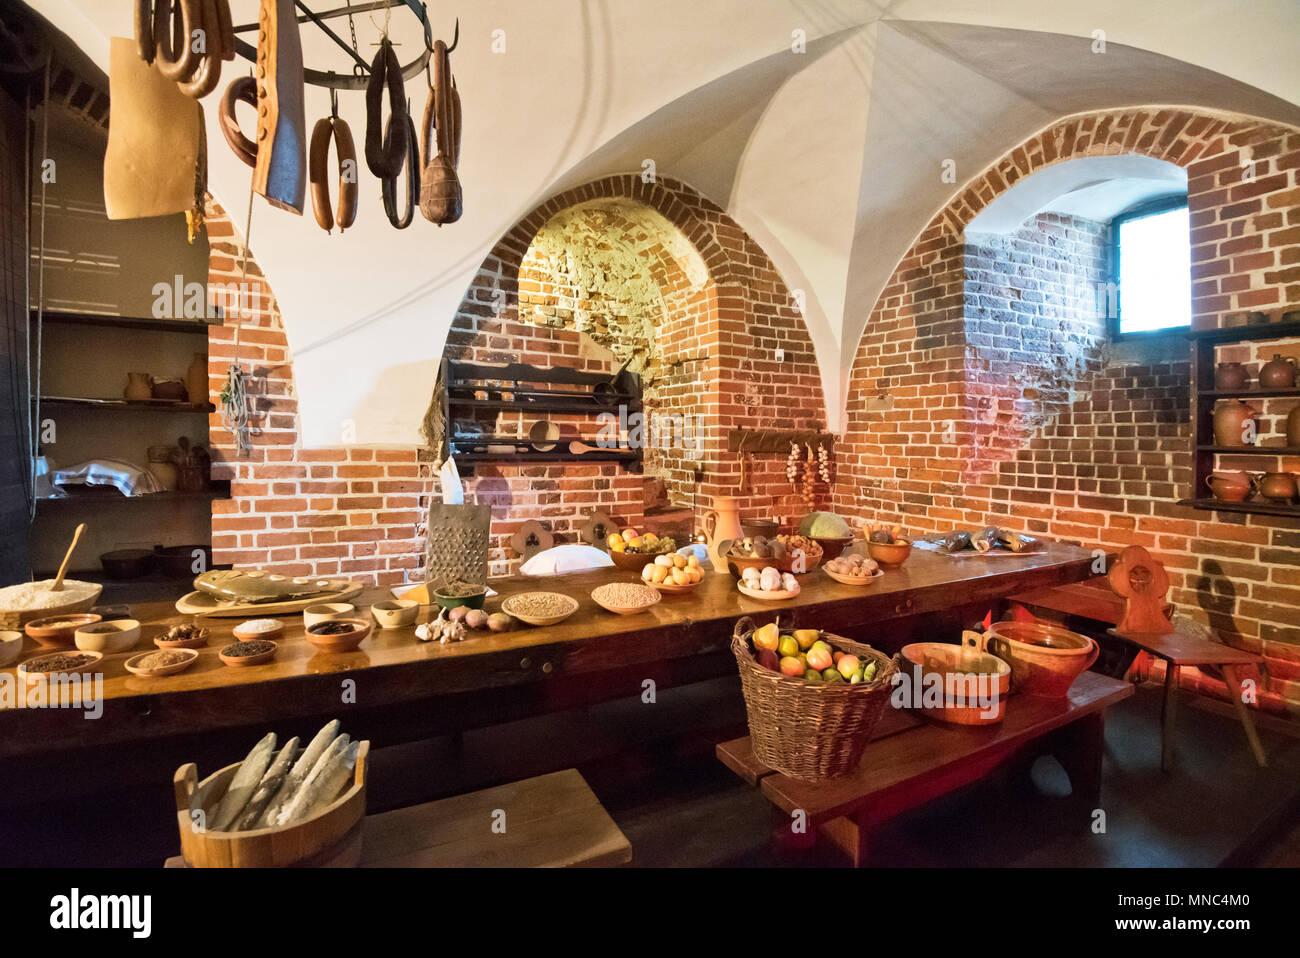 Cocina del siglo 13, el Castillo de Malbork, fundada por los caballeros de la Orden Teutónica, Sitio del Patrimonio Mundial de la Unesco. Pomerania, Polonia Imagen De Stock